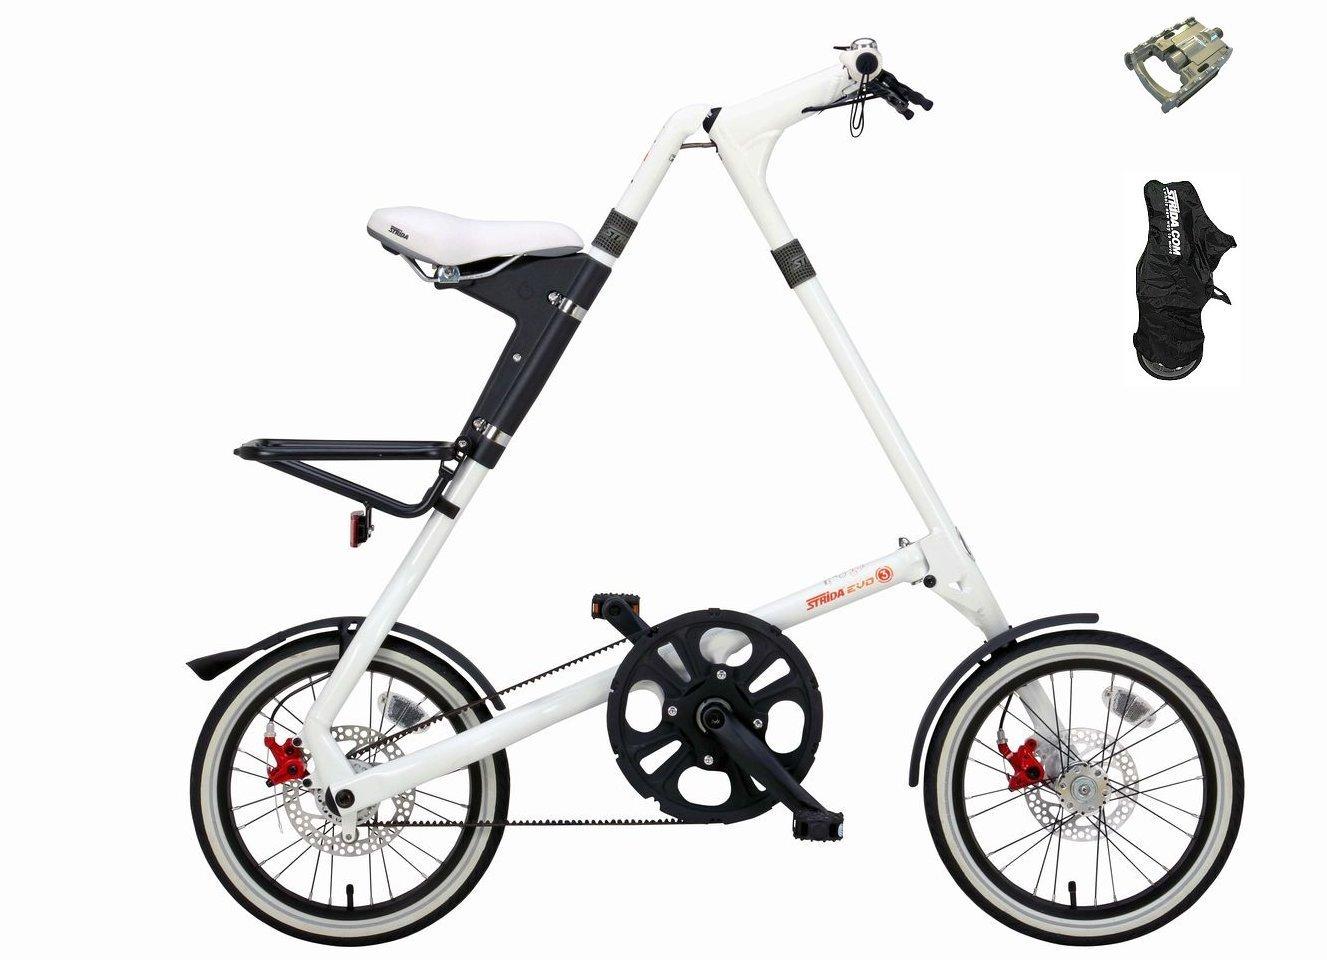 【送料無料(一部地域除く)!防犯登録無料!】【STRiDA EVO16 (ストライダ エヴォ16)】 16インチ折り畳み自転車 MKS FD-7折り畳みペダル、バイクカバーサービス!